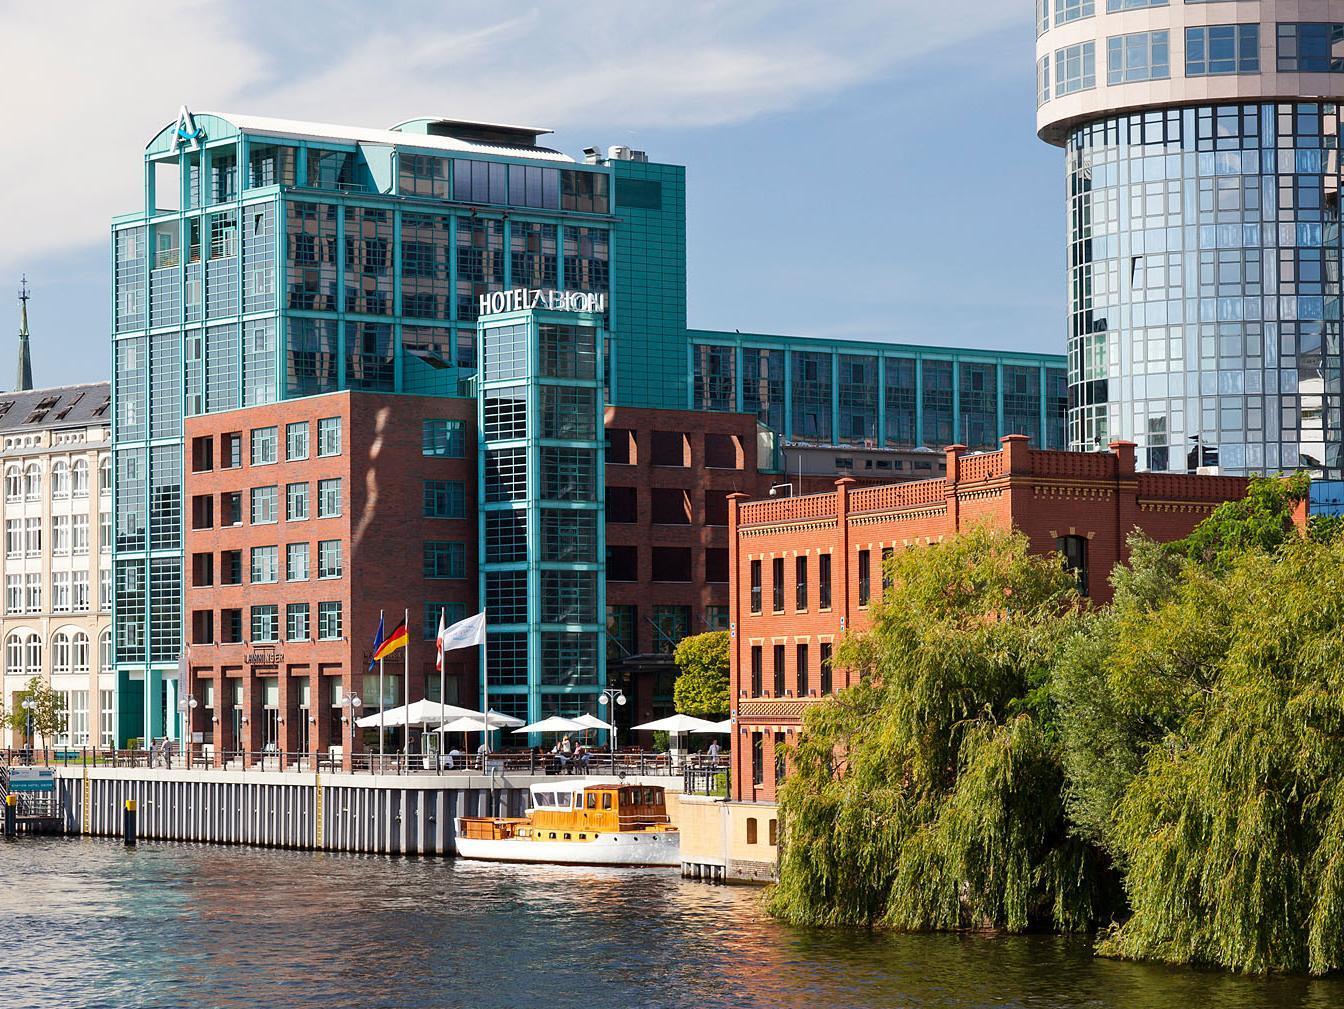 Abion Spreebogen Waterside Hotel - Hotell och Boende i Tyskland i Europa